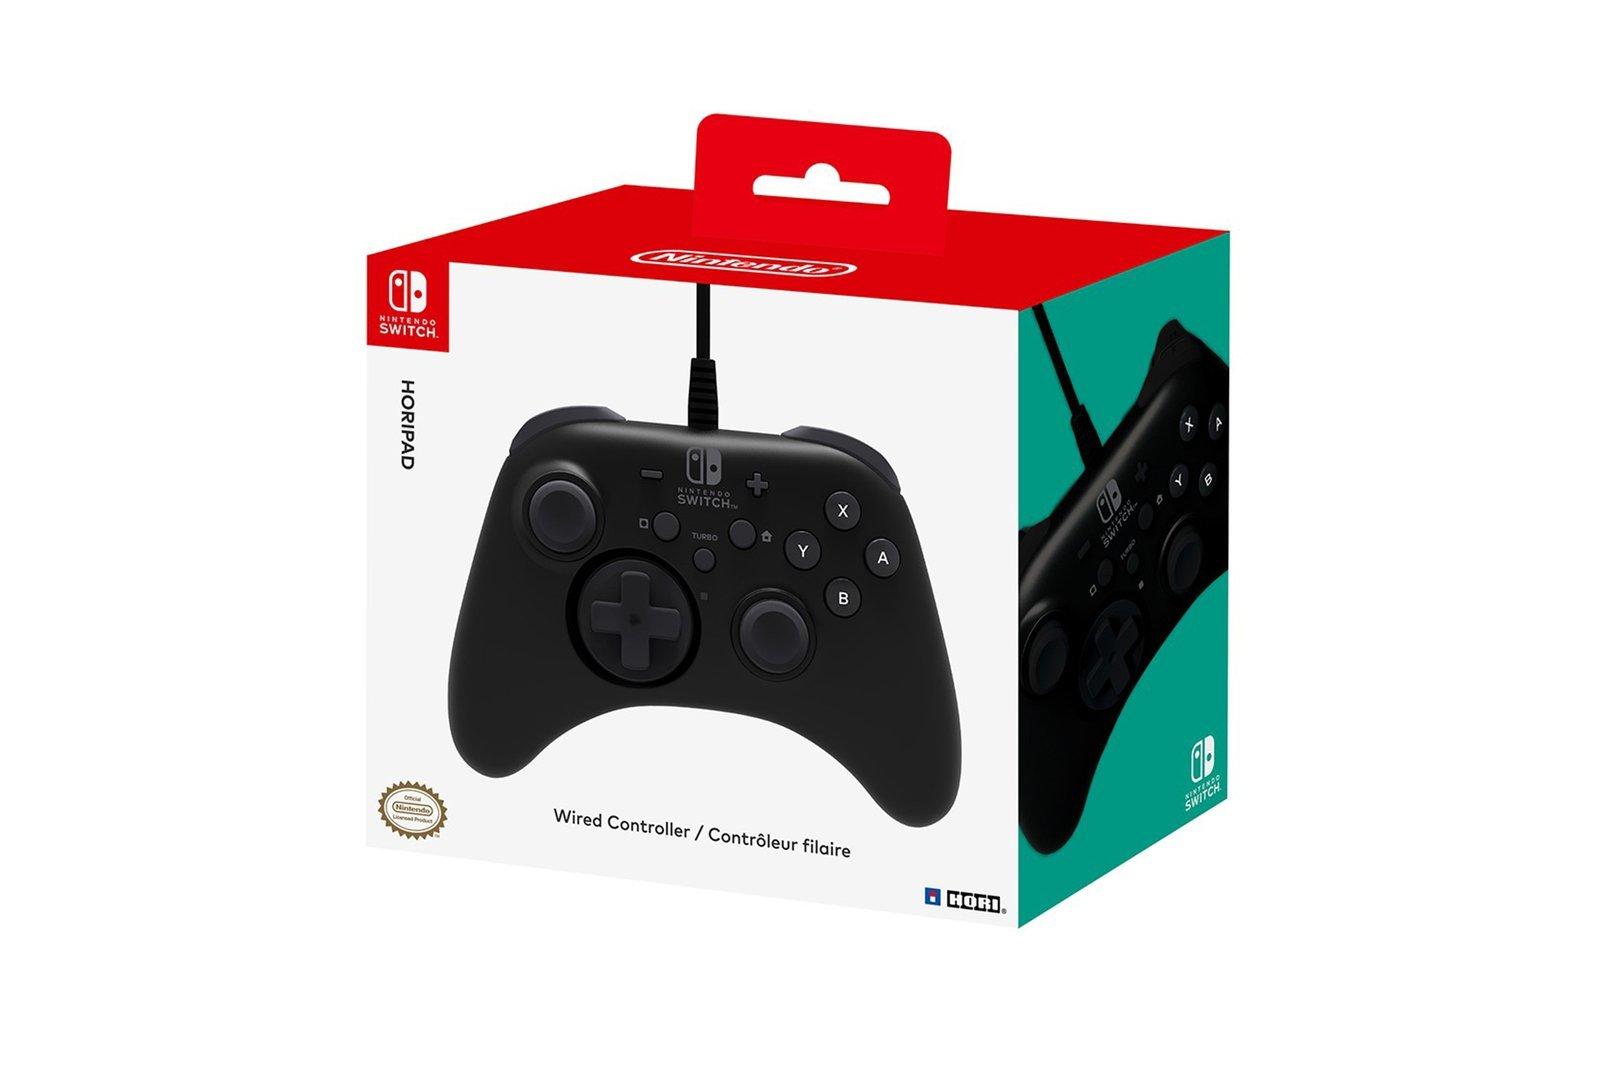 Wired Gamepad Hori Nintendo Switch Horipad NSW-001U Black